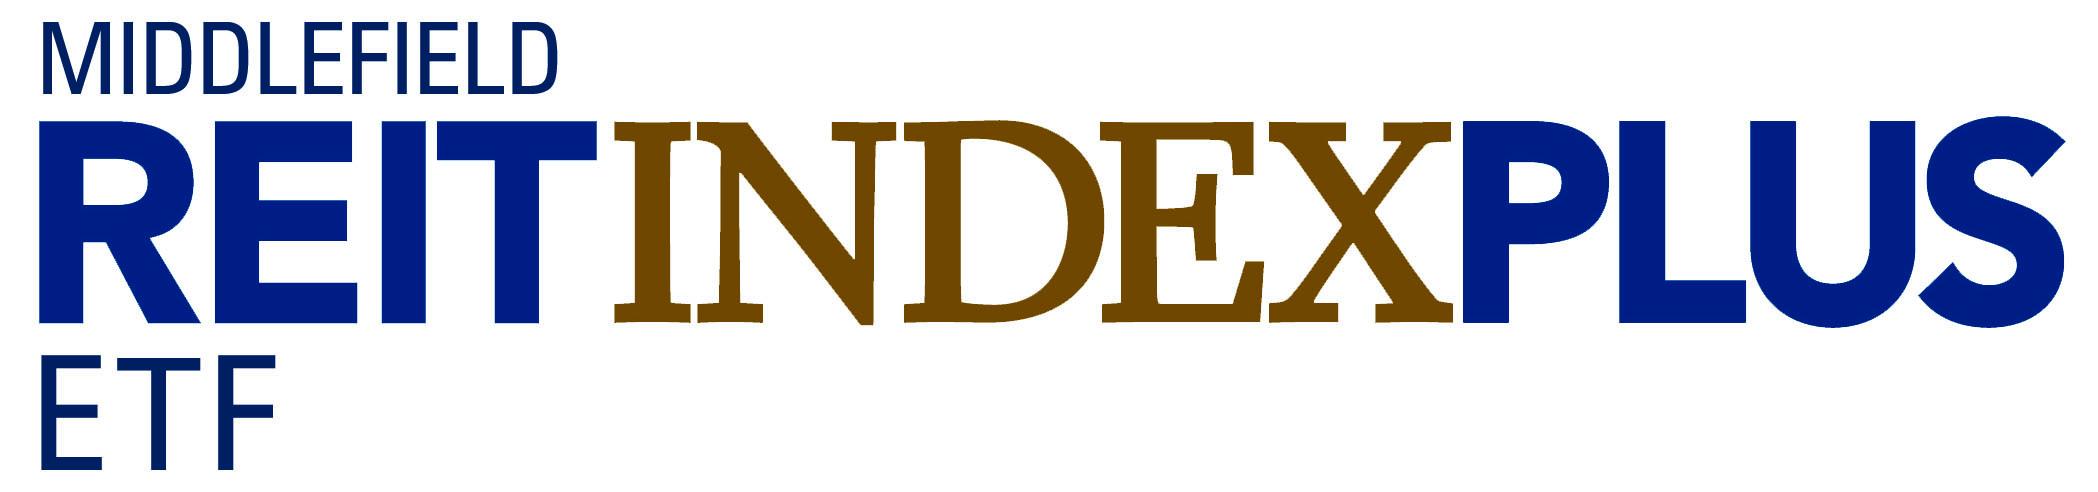 Middlefield REIT INDEXPLUS ETF Announces Special Distribution